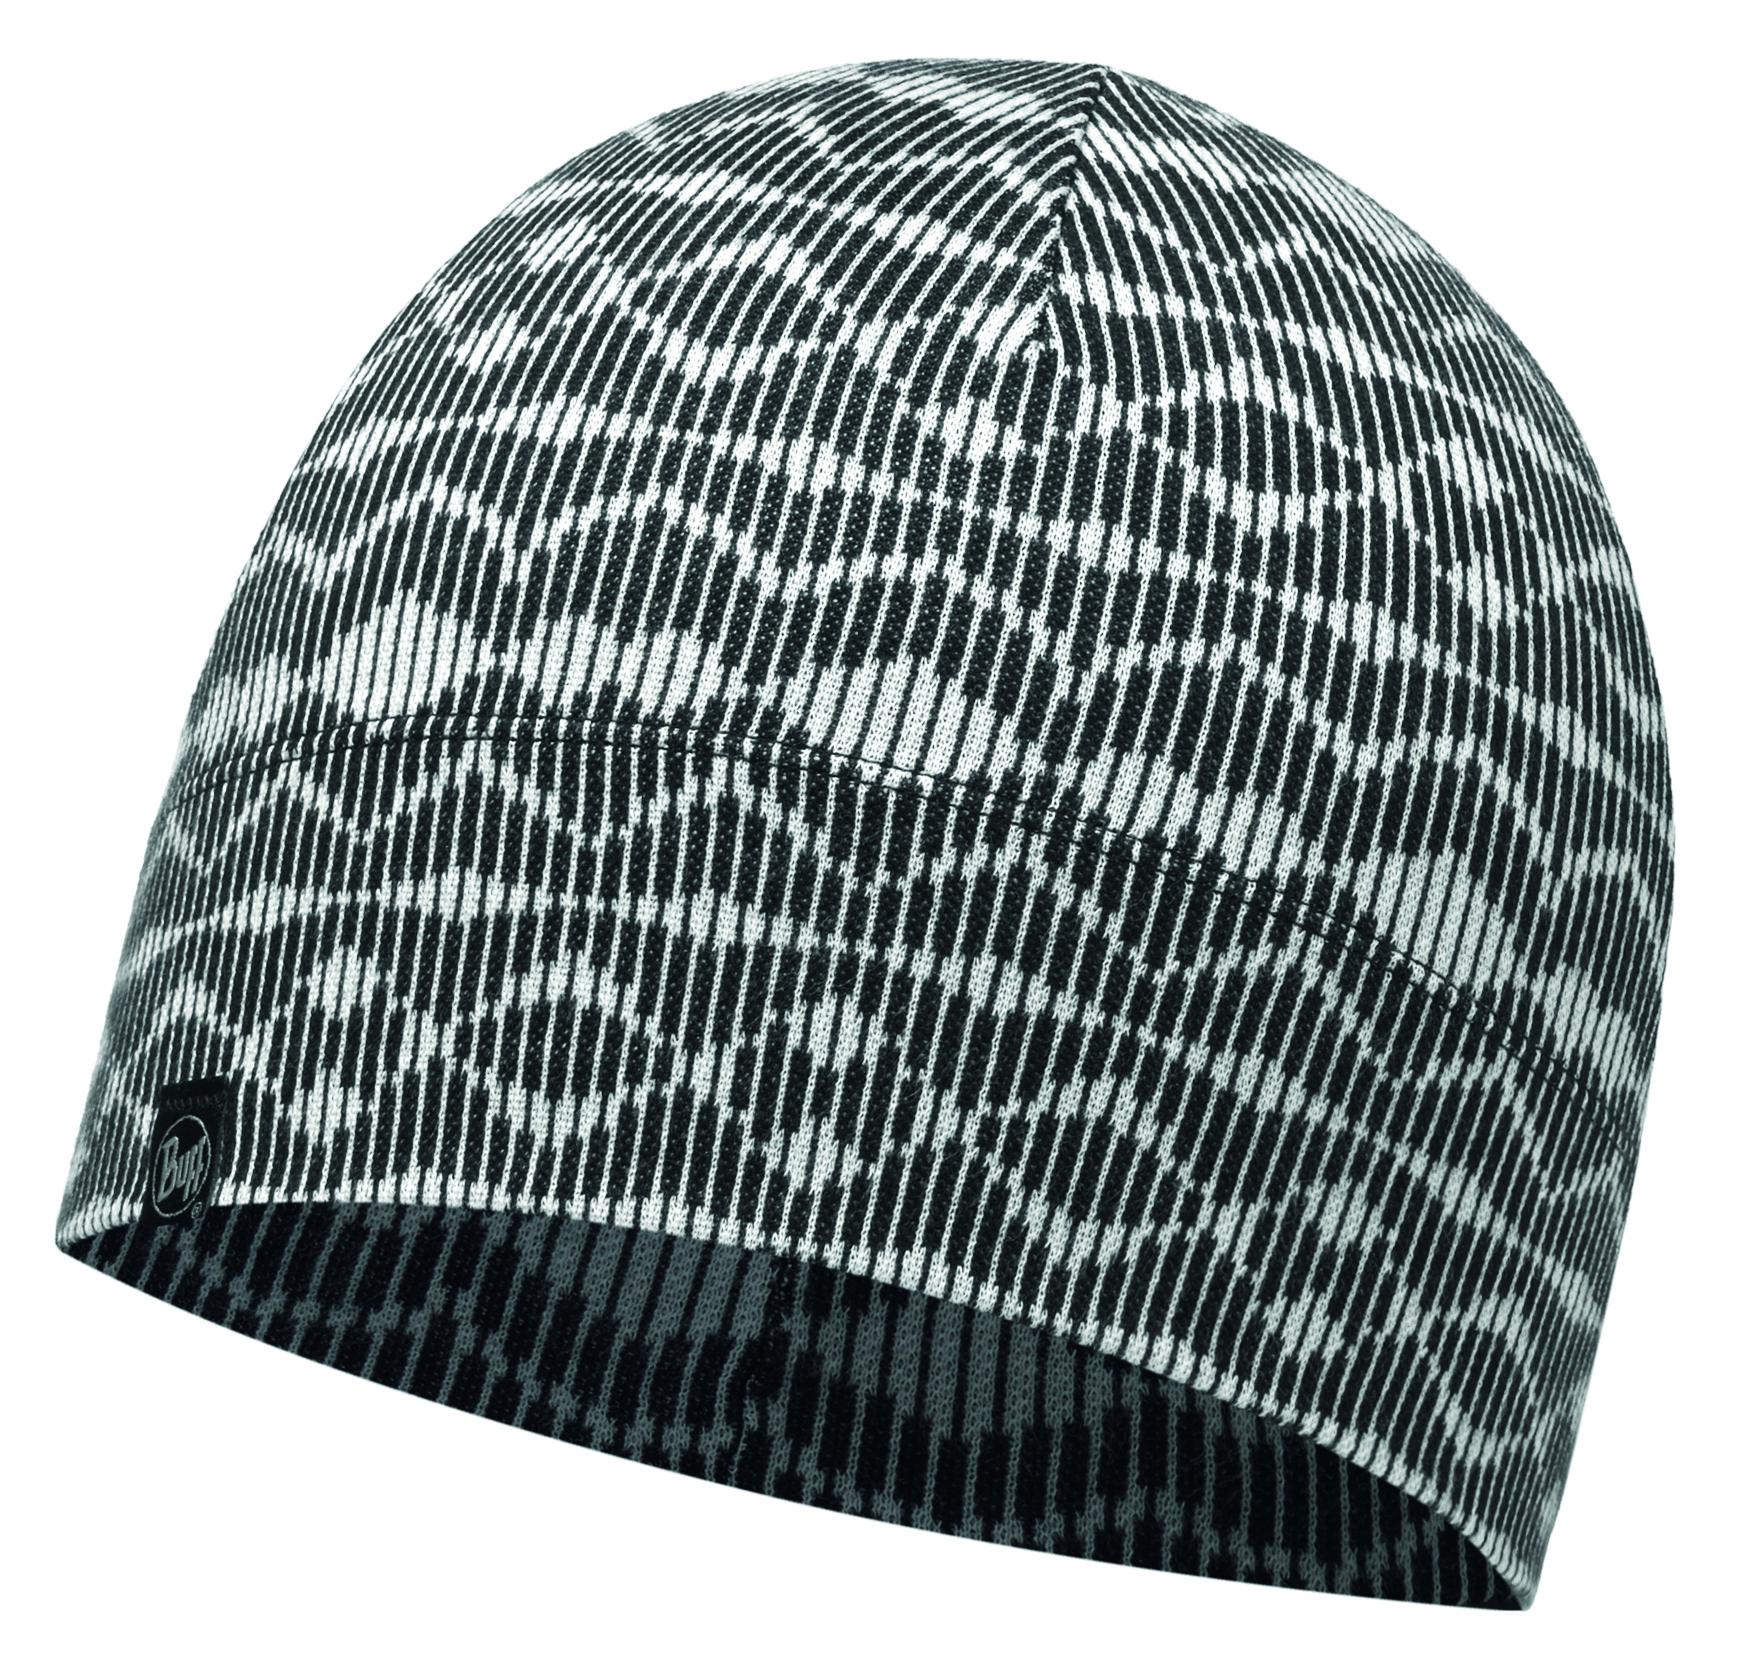 Шапка BUFF Cotton Hat Buff KAYLE MULTI Банданы и шарфы ® 1312904  - купить со скидкой